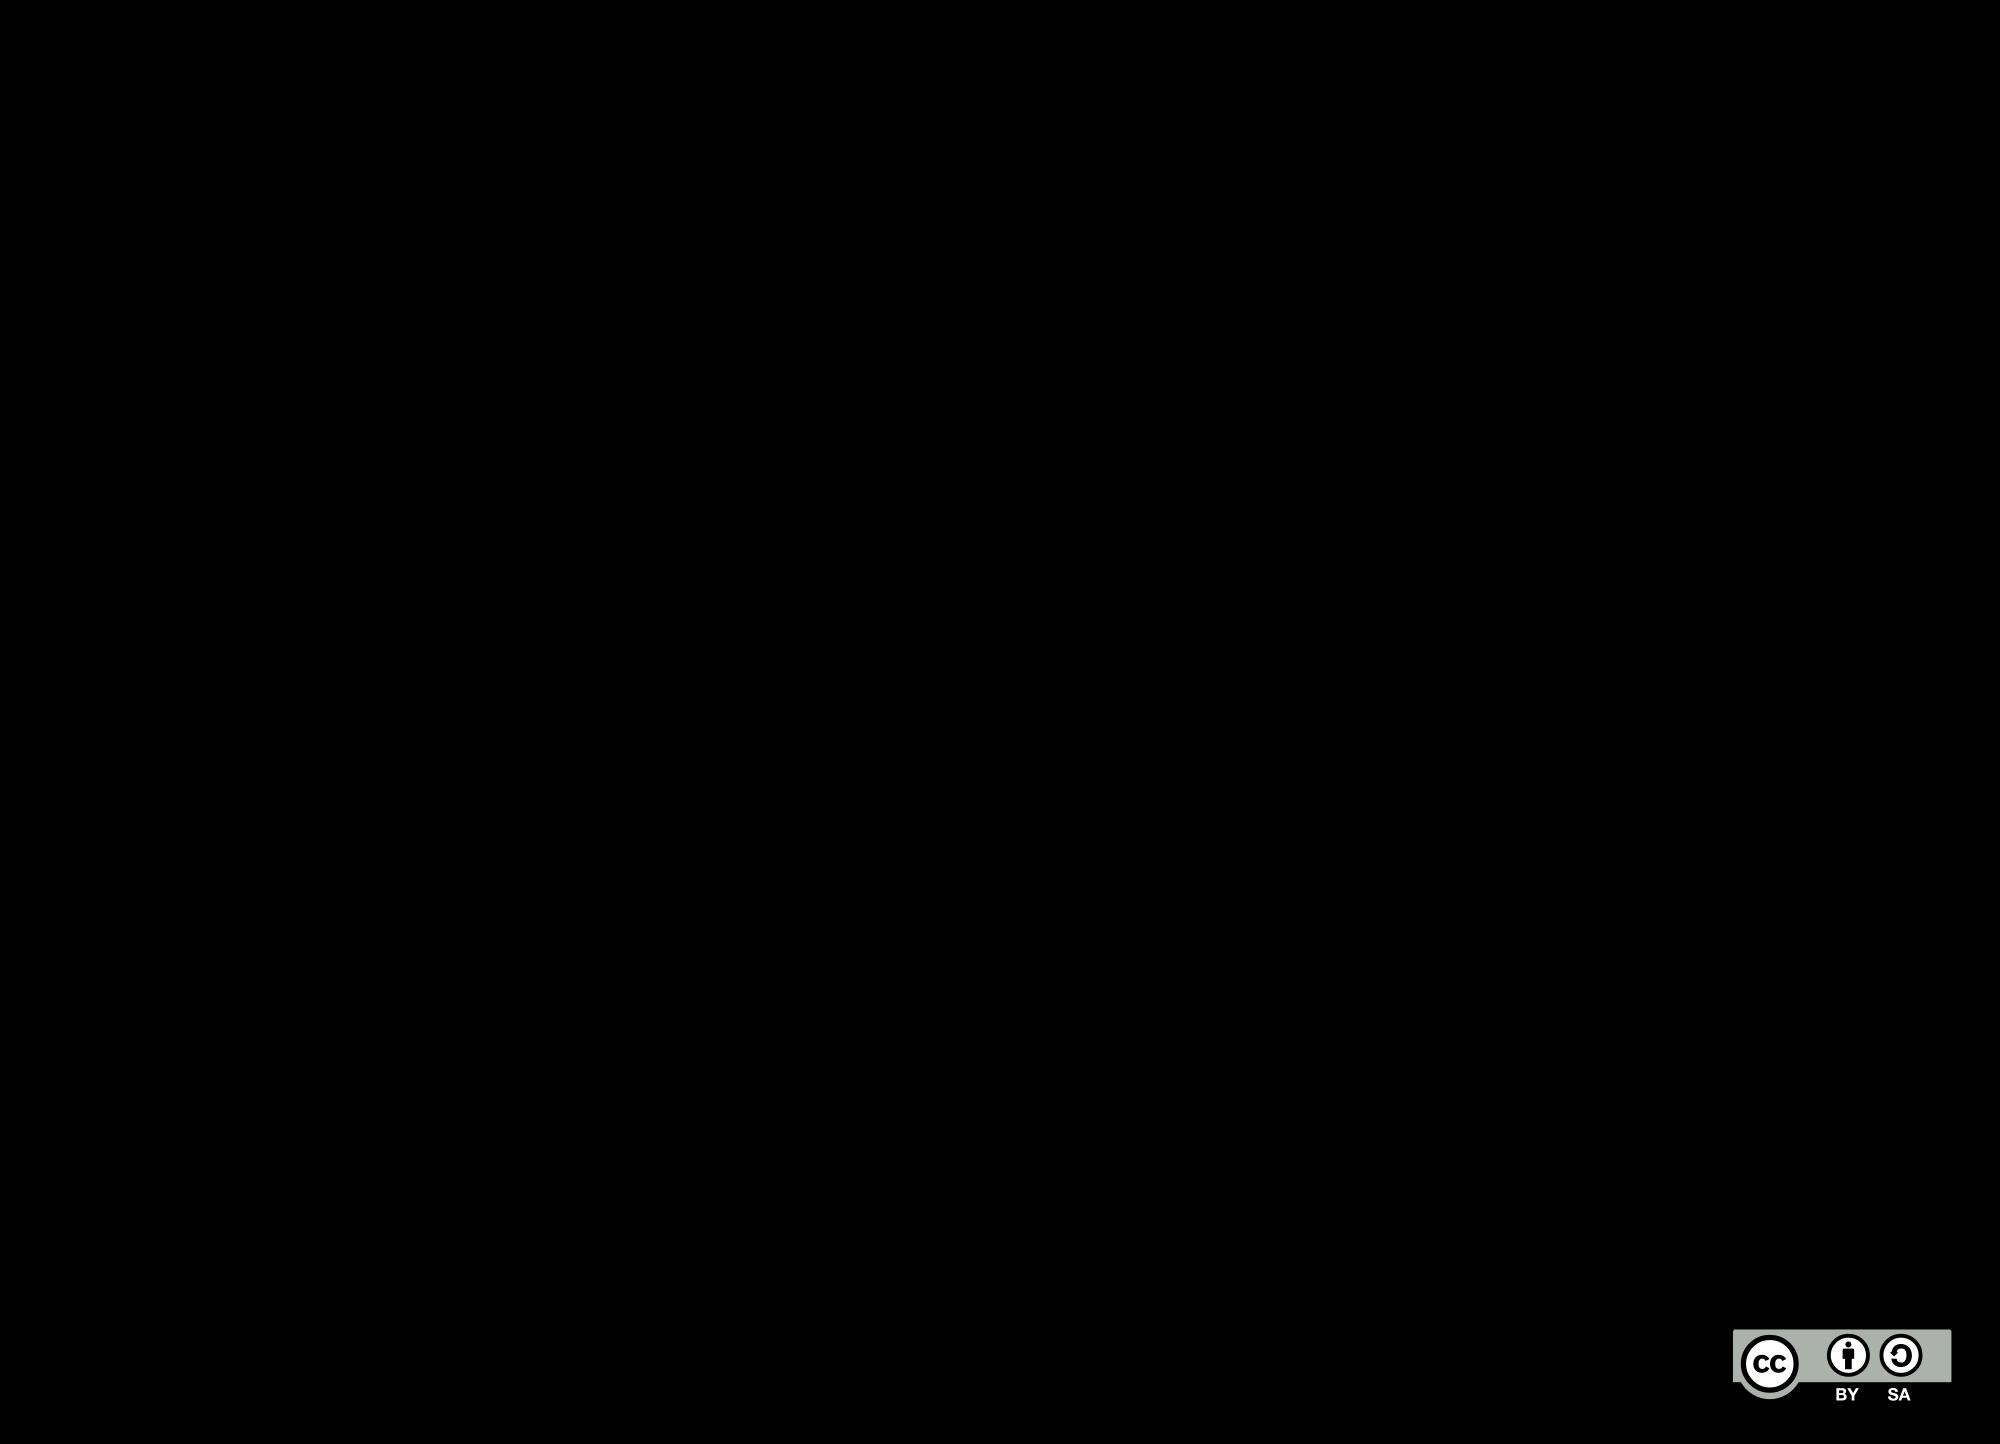 Icelandic Horse Silhouette